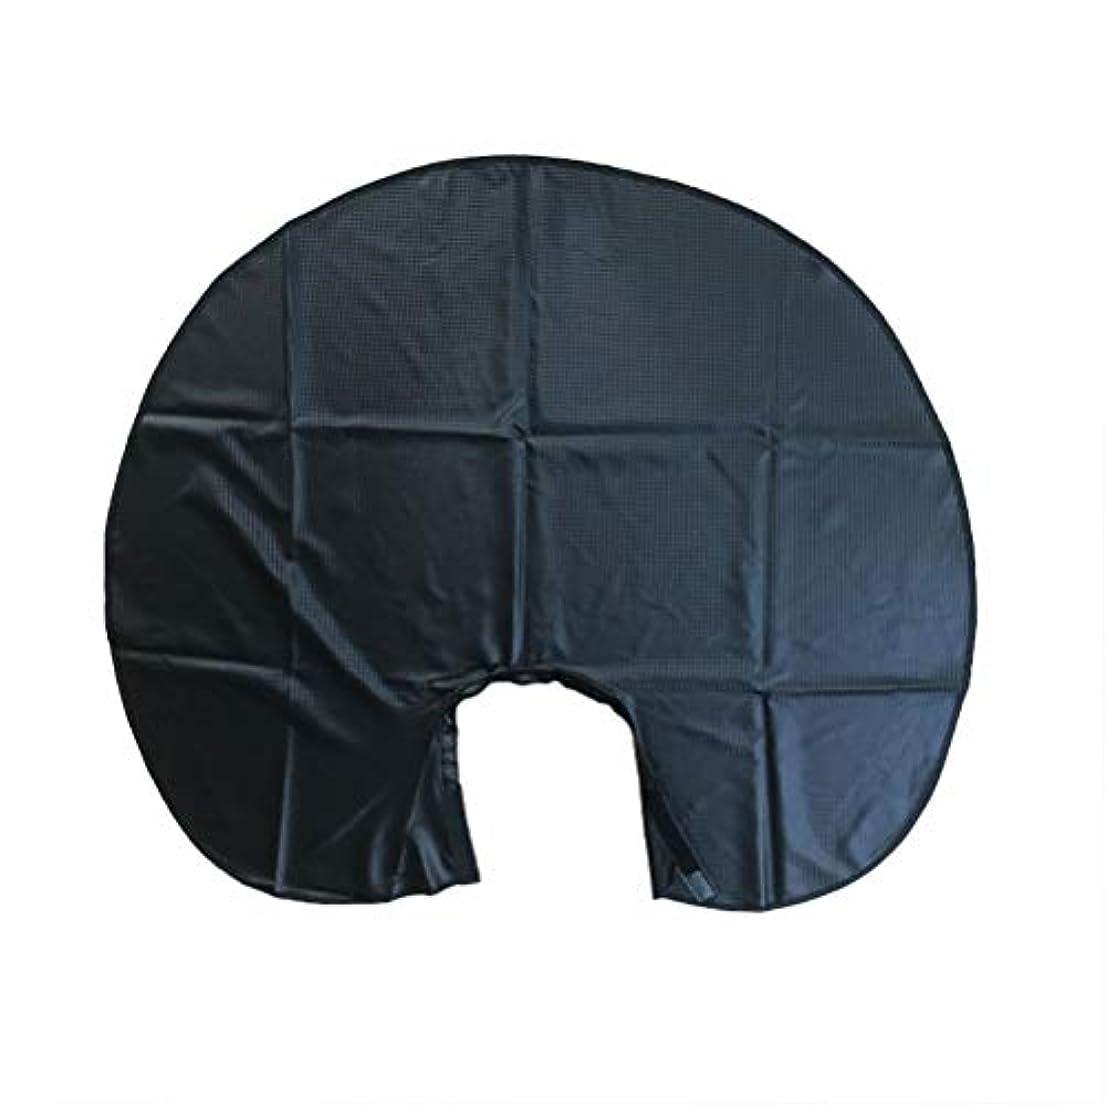 リーキリン帝国Beaupretty 1ピースヘアサロン切断エプロン防水ショートヘアケープケープ理髪店のドレス用理髪スタイリング